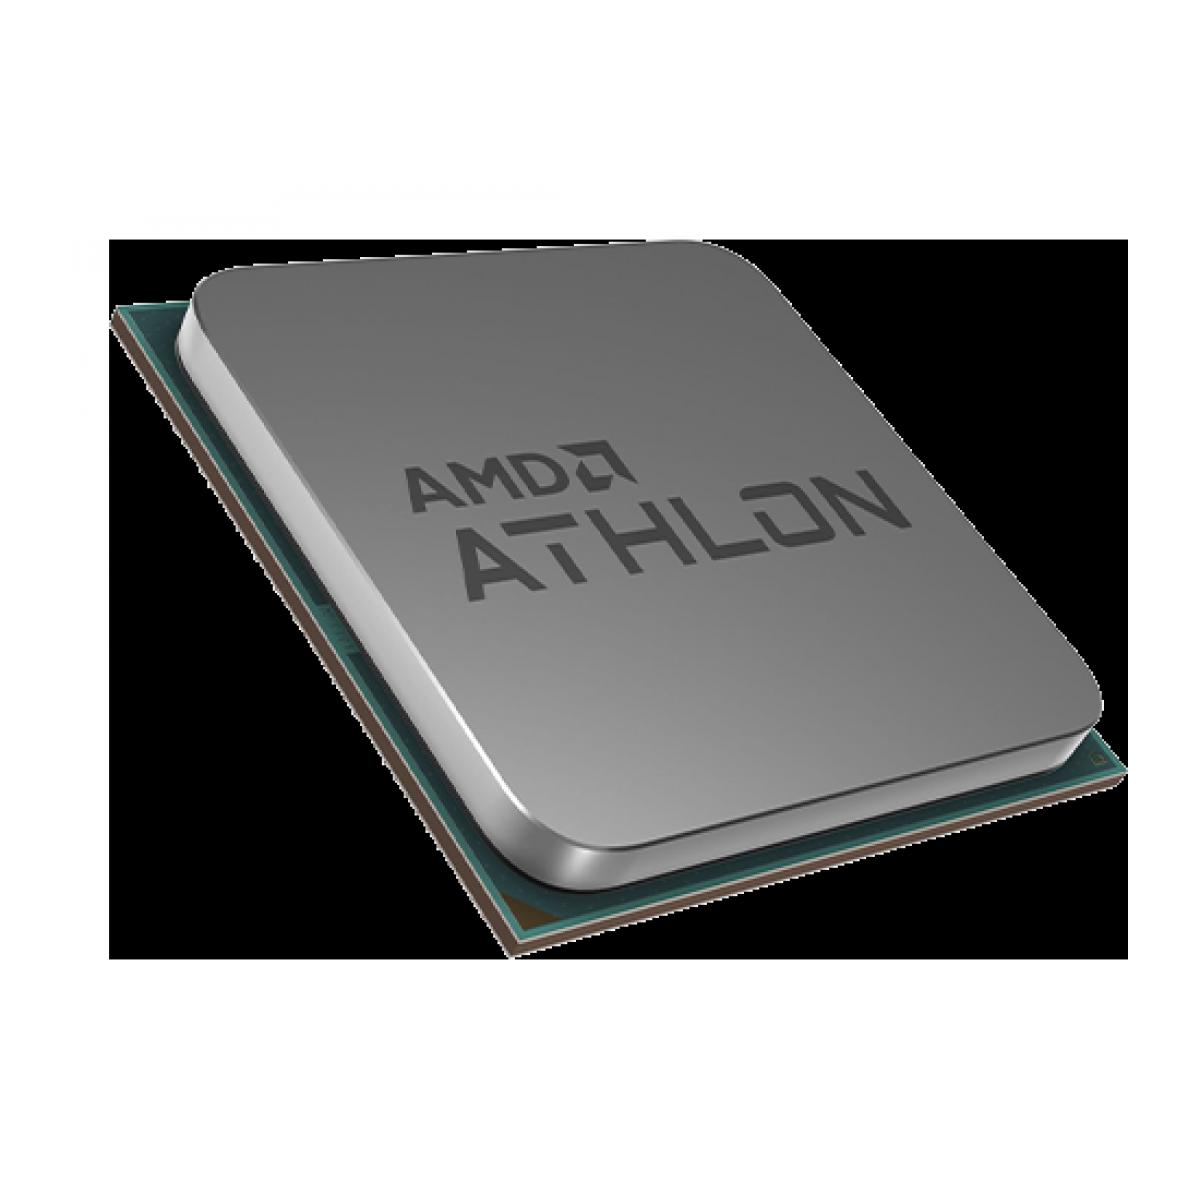 Processador AMD Athlon 200GE 3.2GHz, Dual Core, 5MB, AM4 - Sem Caixa